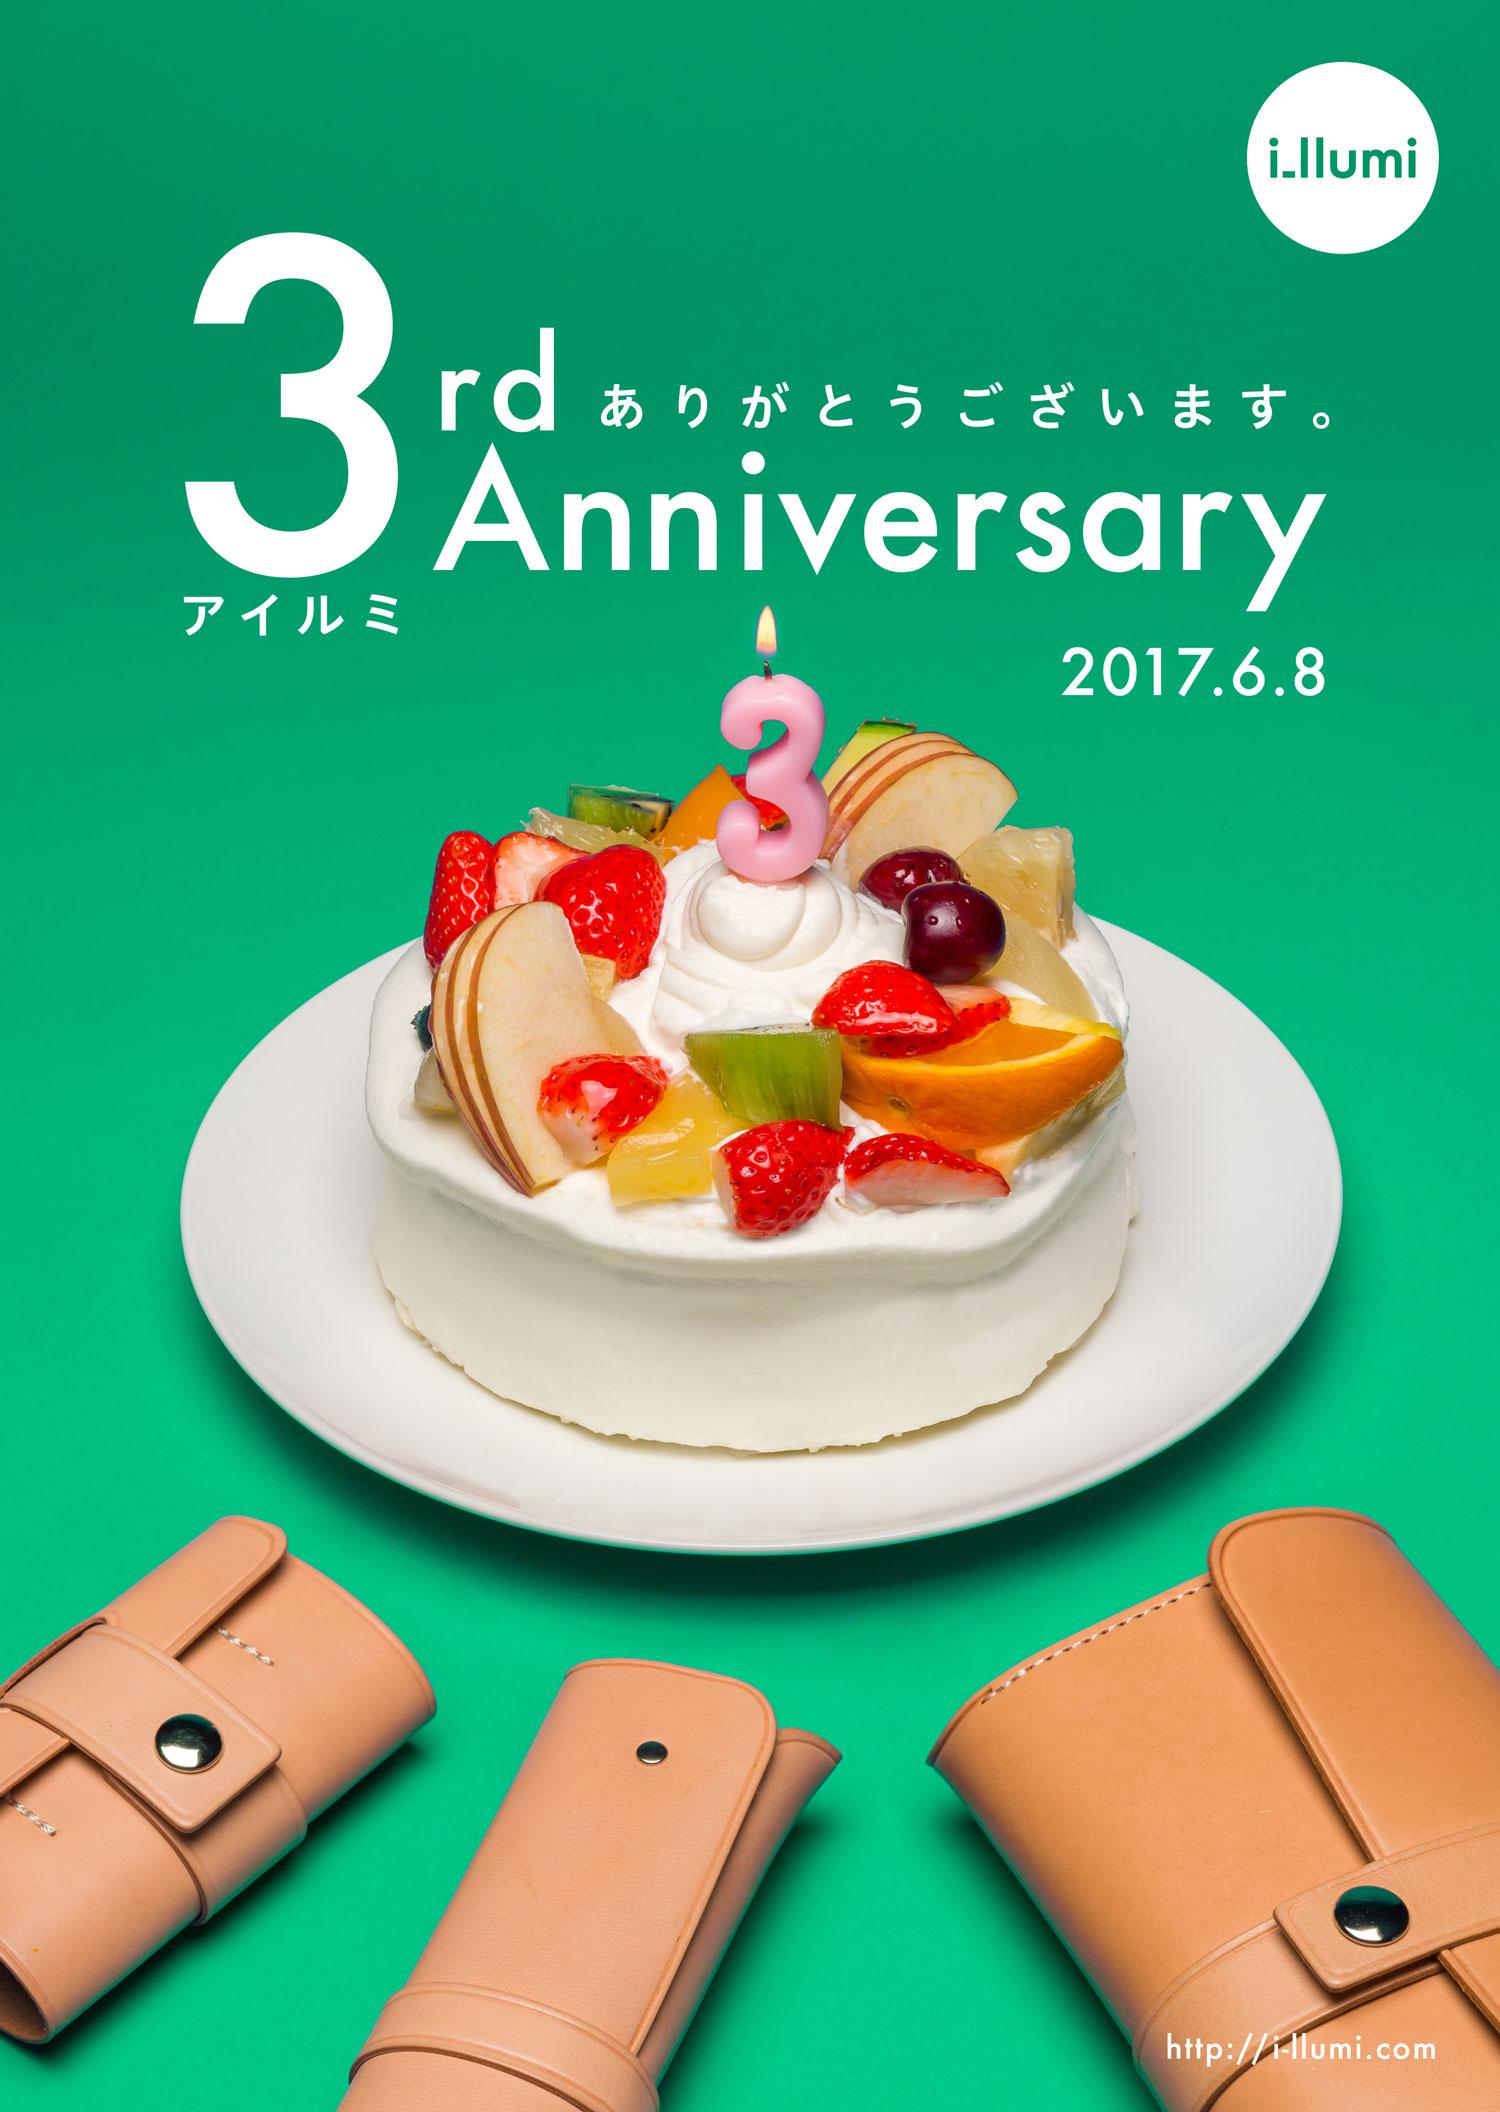 i_llumi-3周年記念